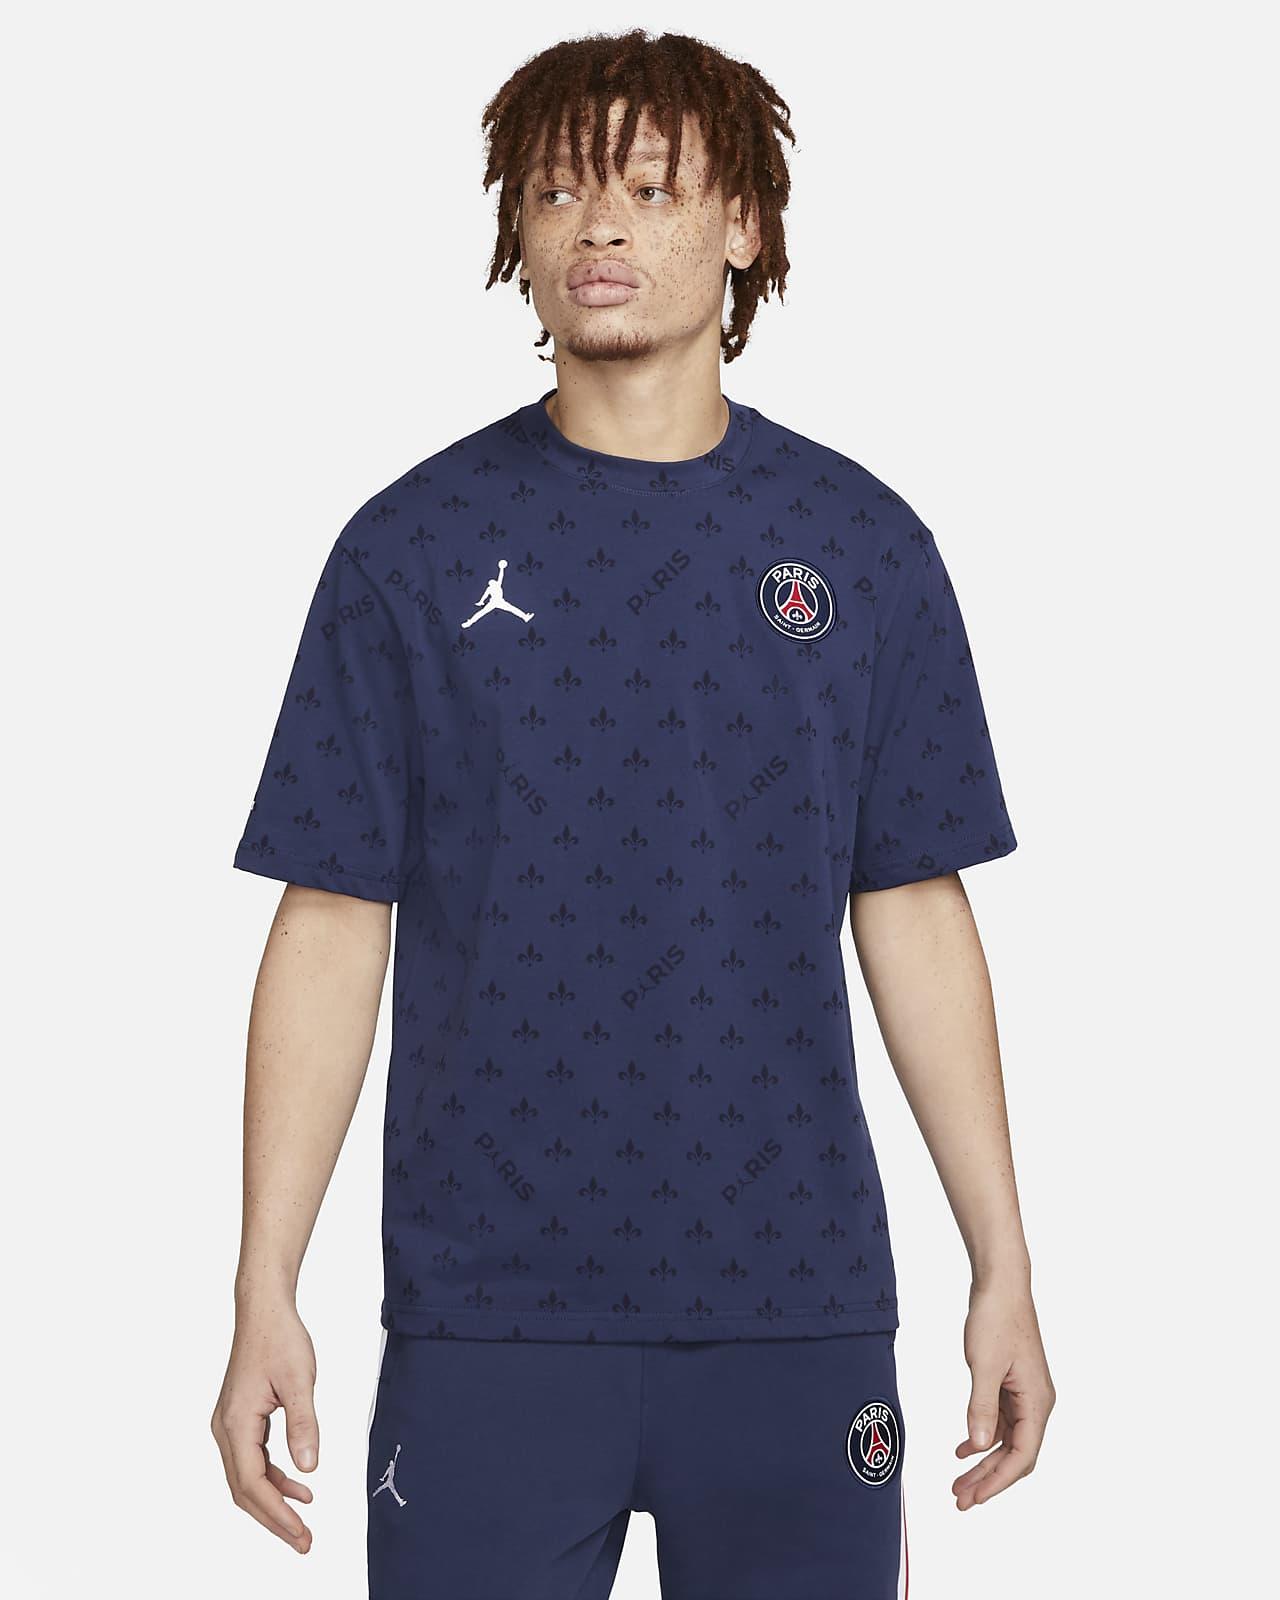 Tee-shirt Paris Saint-Germain Statement pour Homme